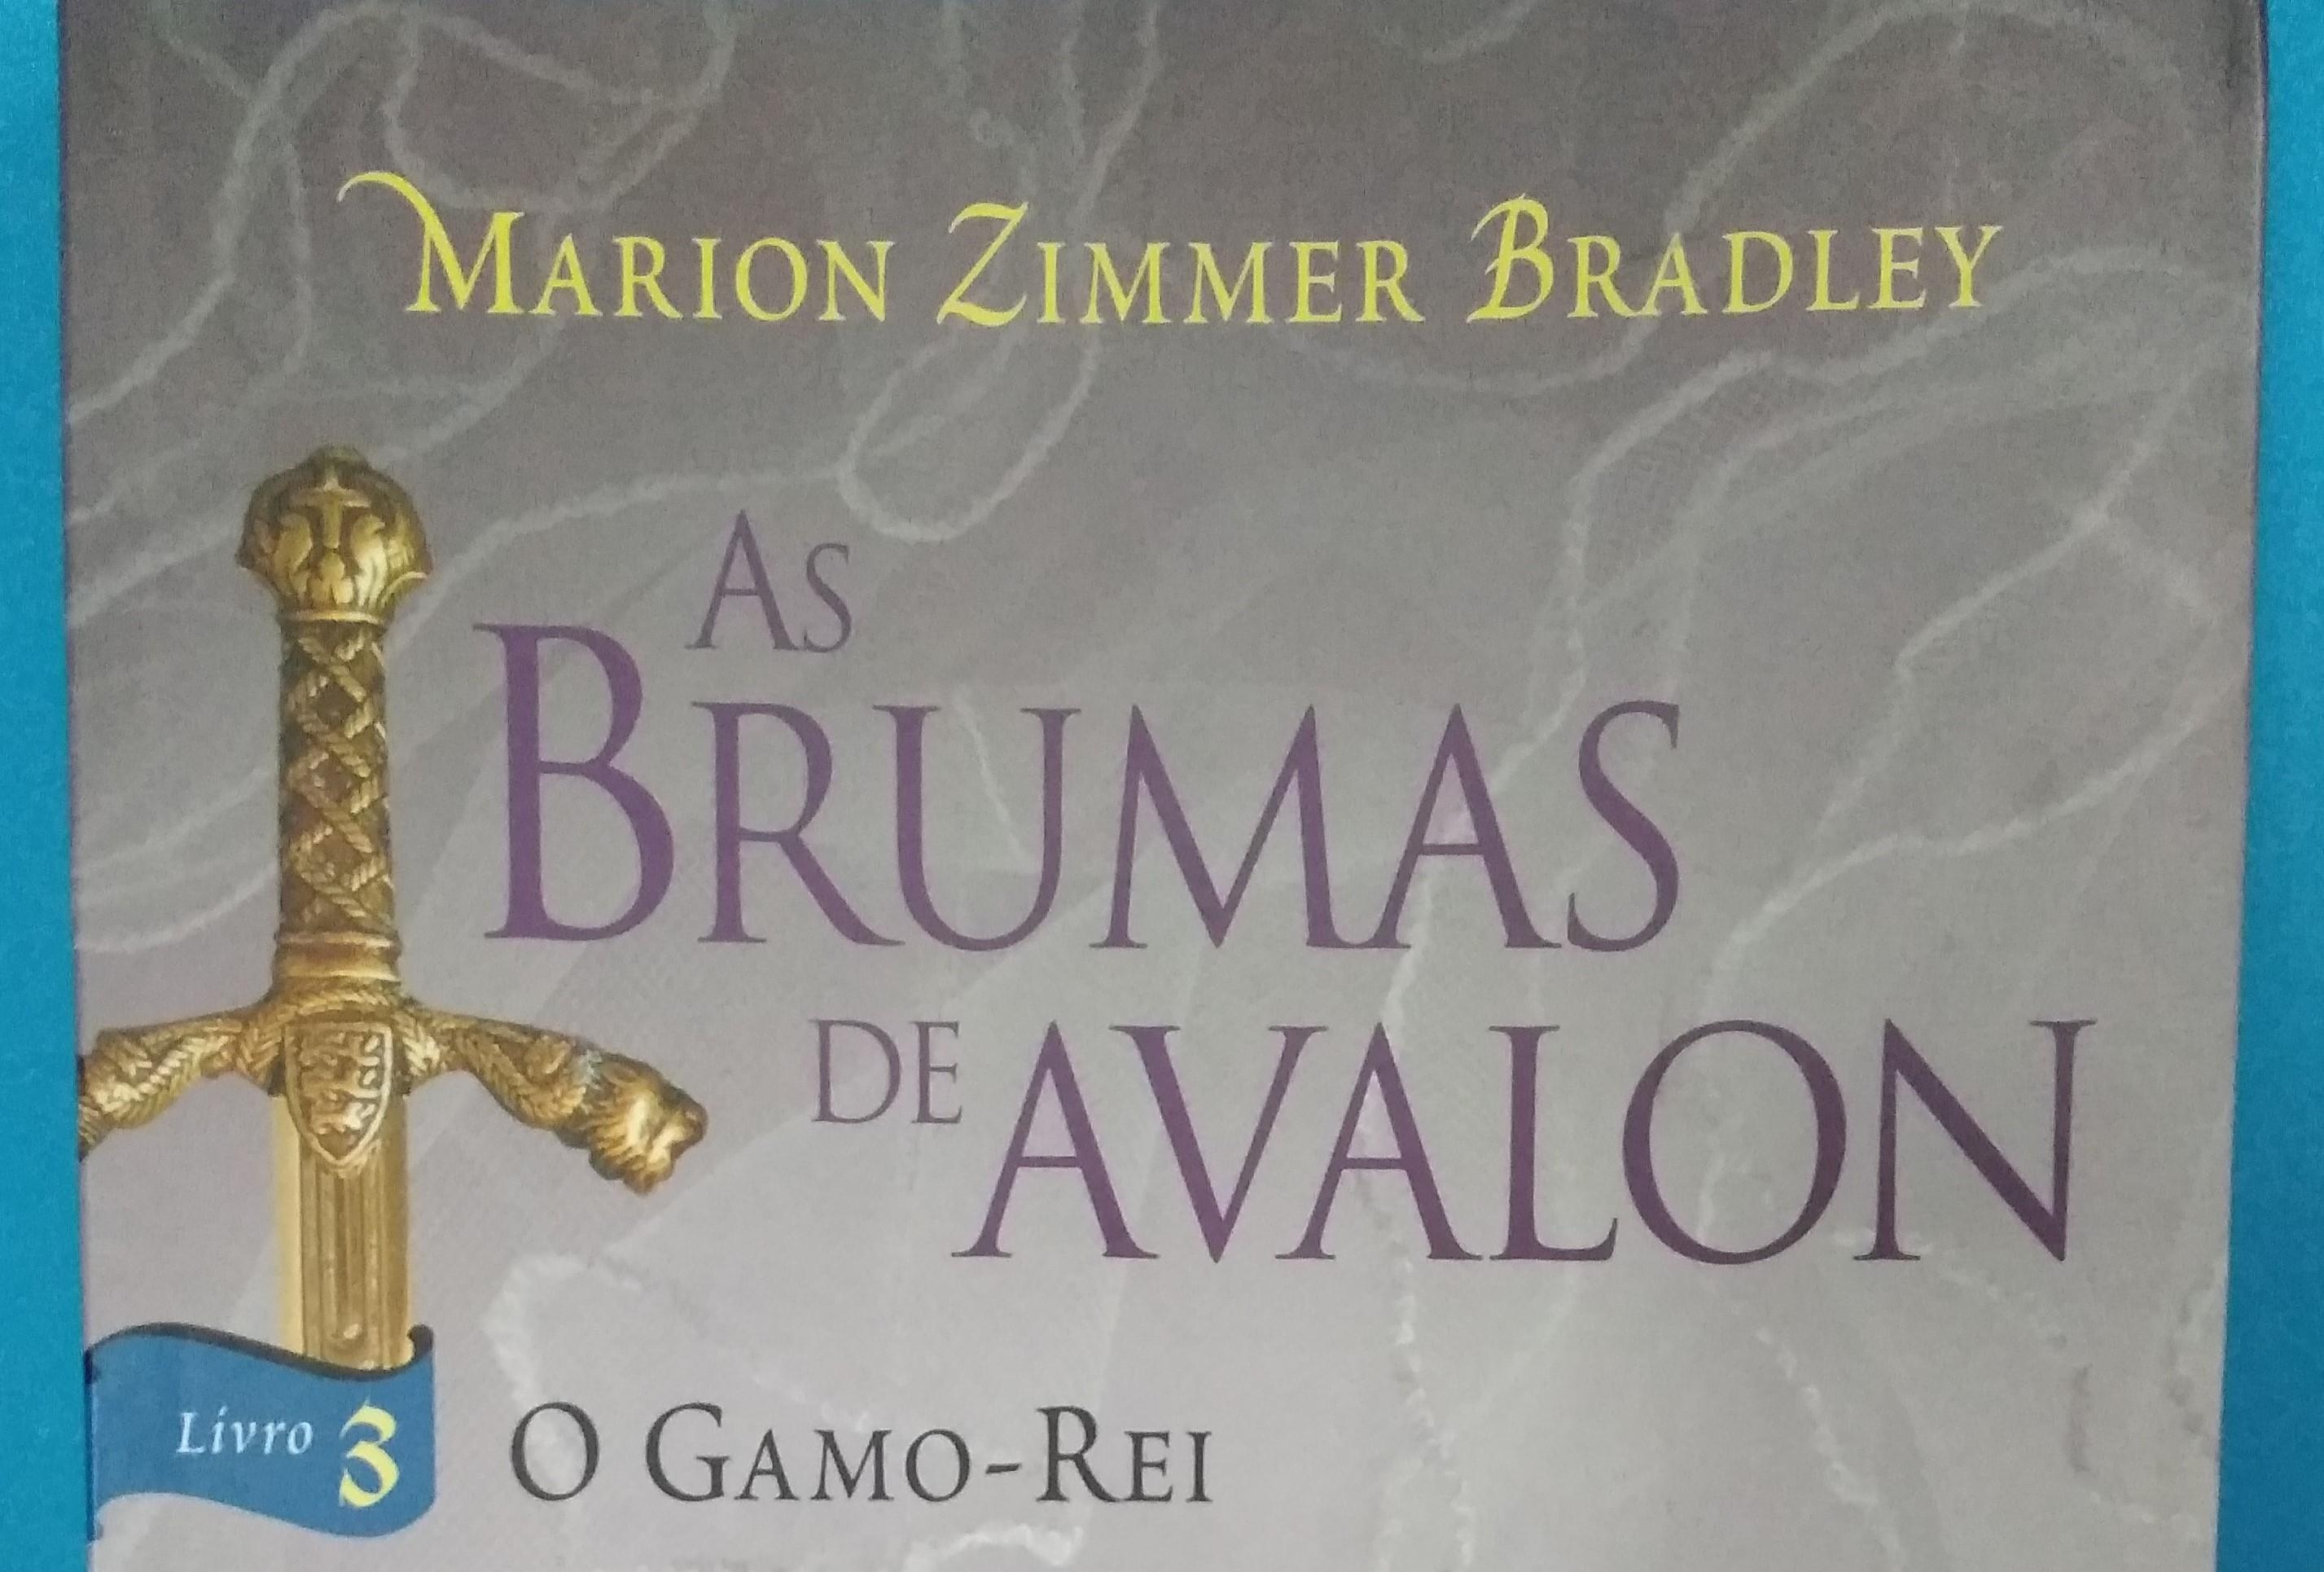 Livro 3 - As Brumas de Avalon - O Gamo-Rei